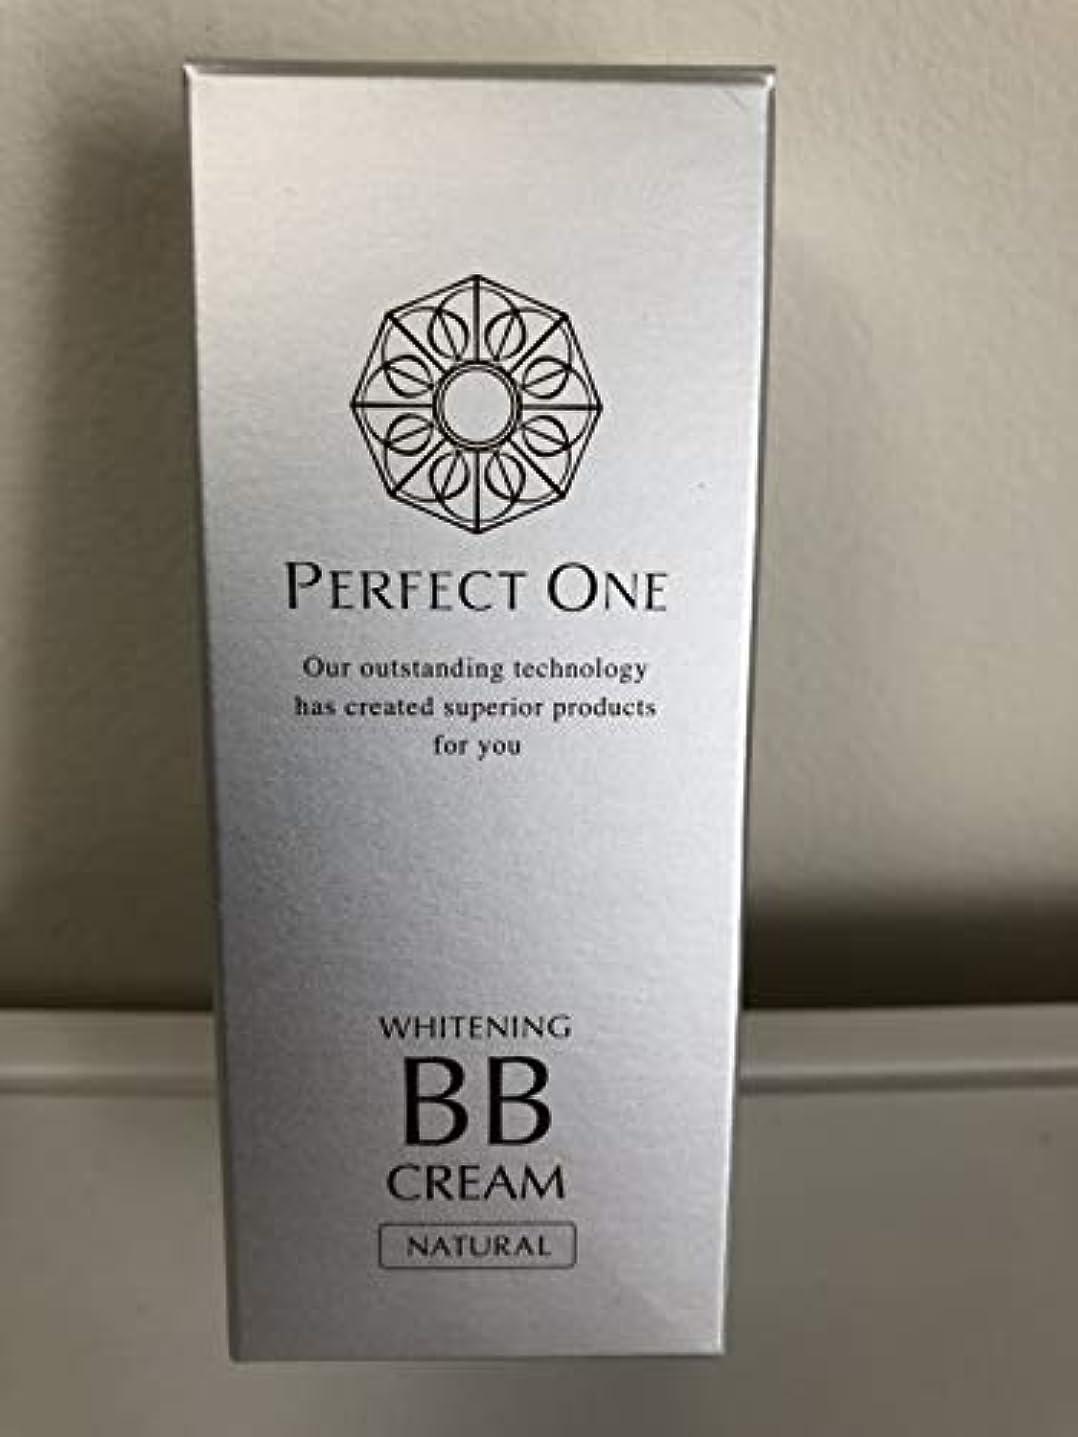 冷える有利マイナス新日本製薬 パーフェクトワン 薬用ホワイトニングBBクリーム ナチュラル 25g